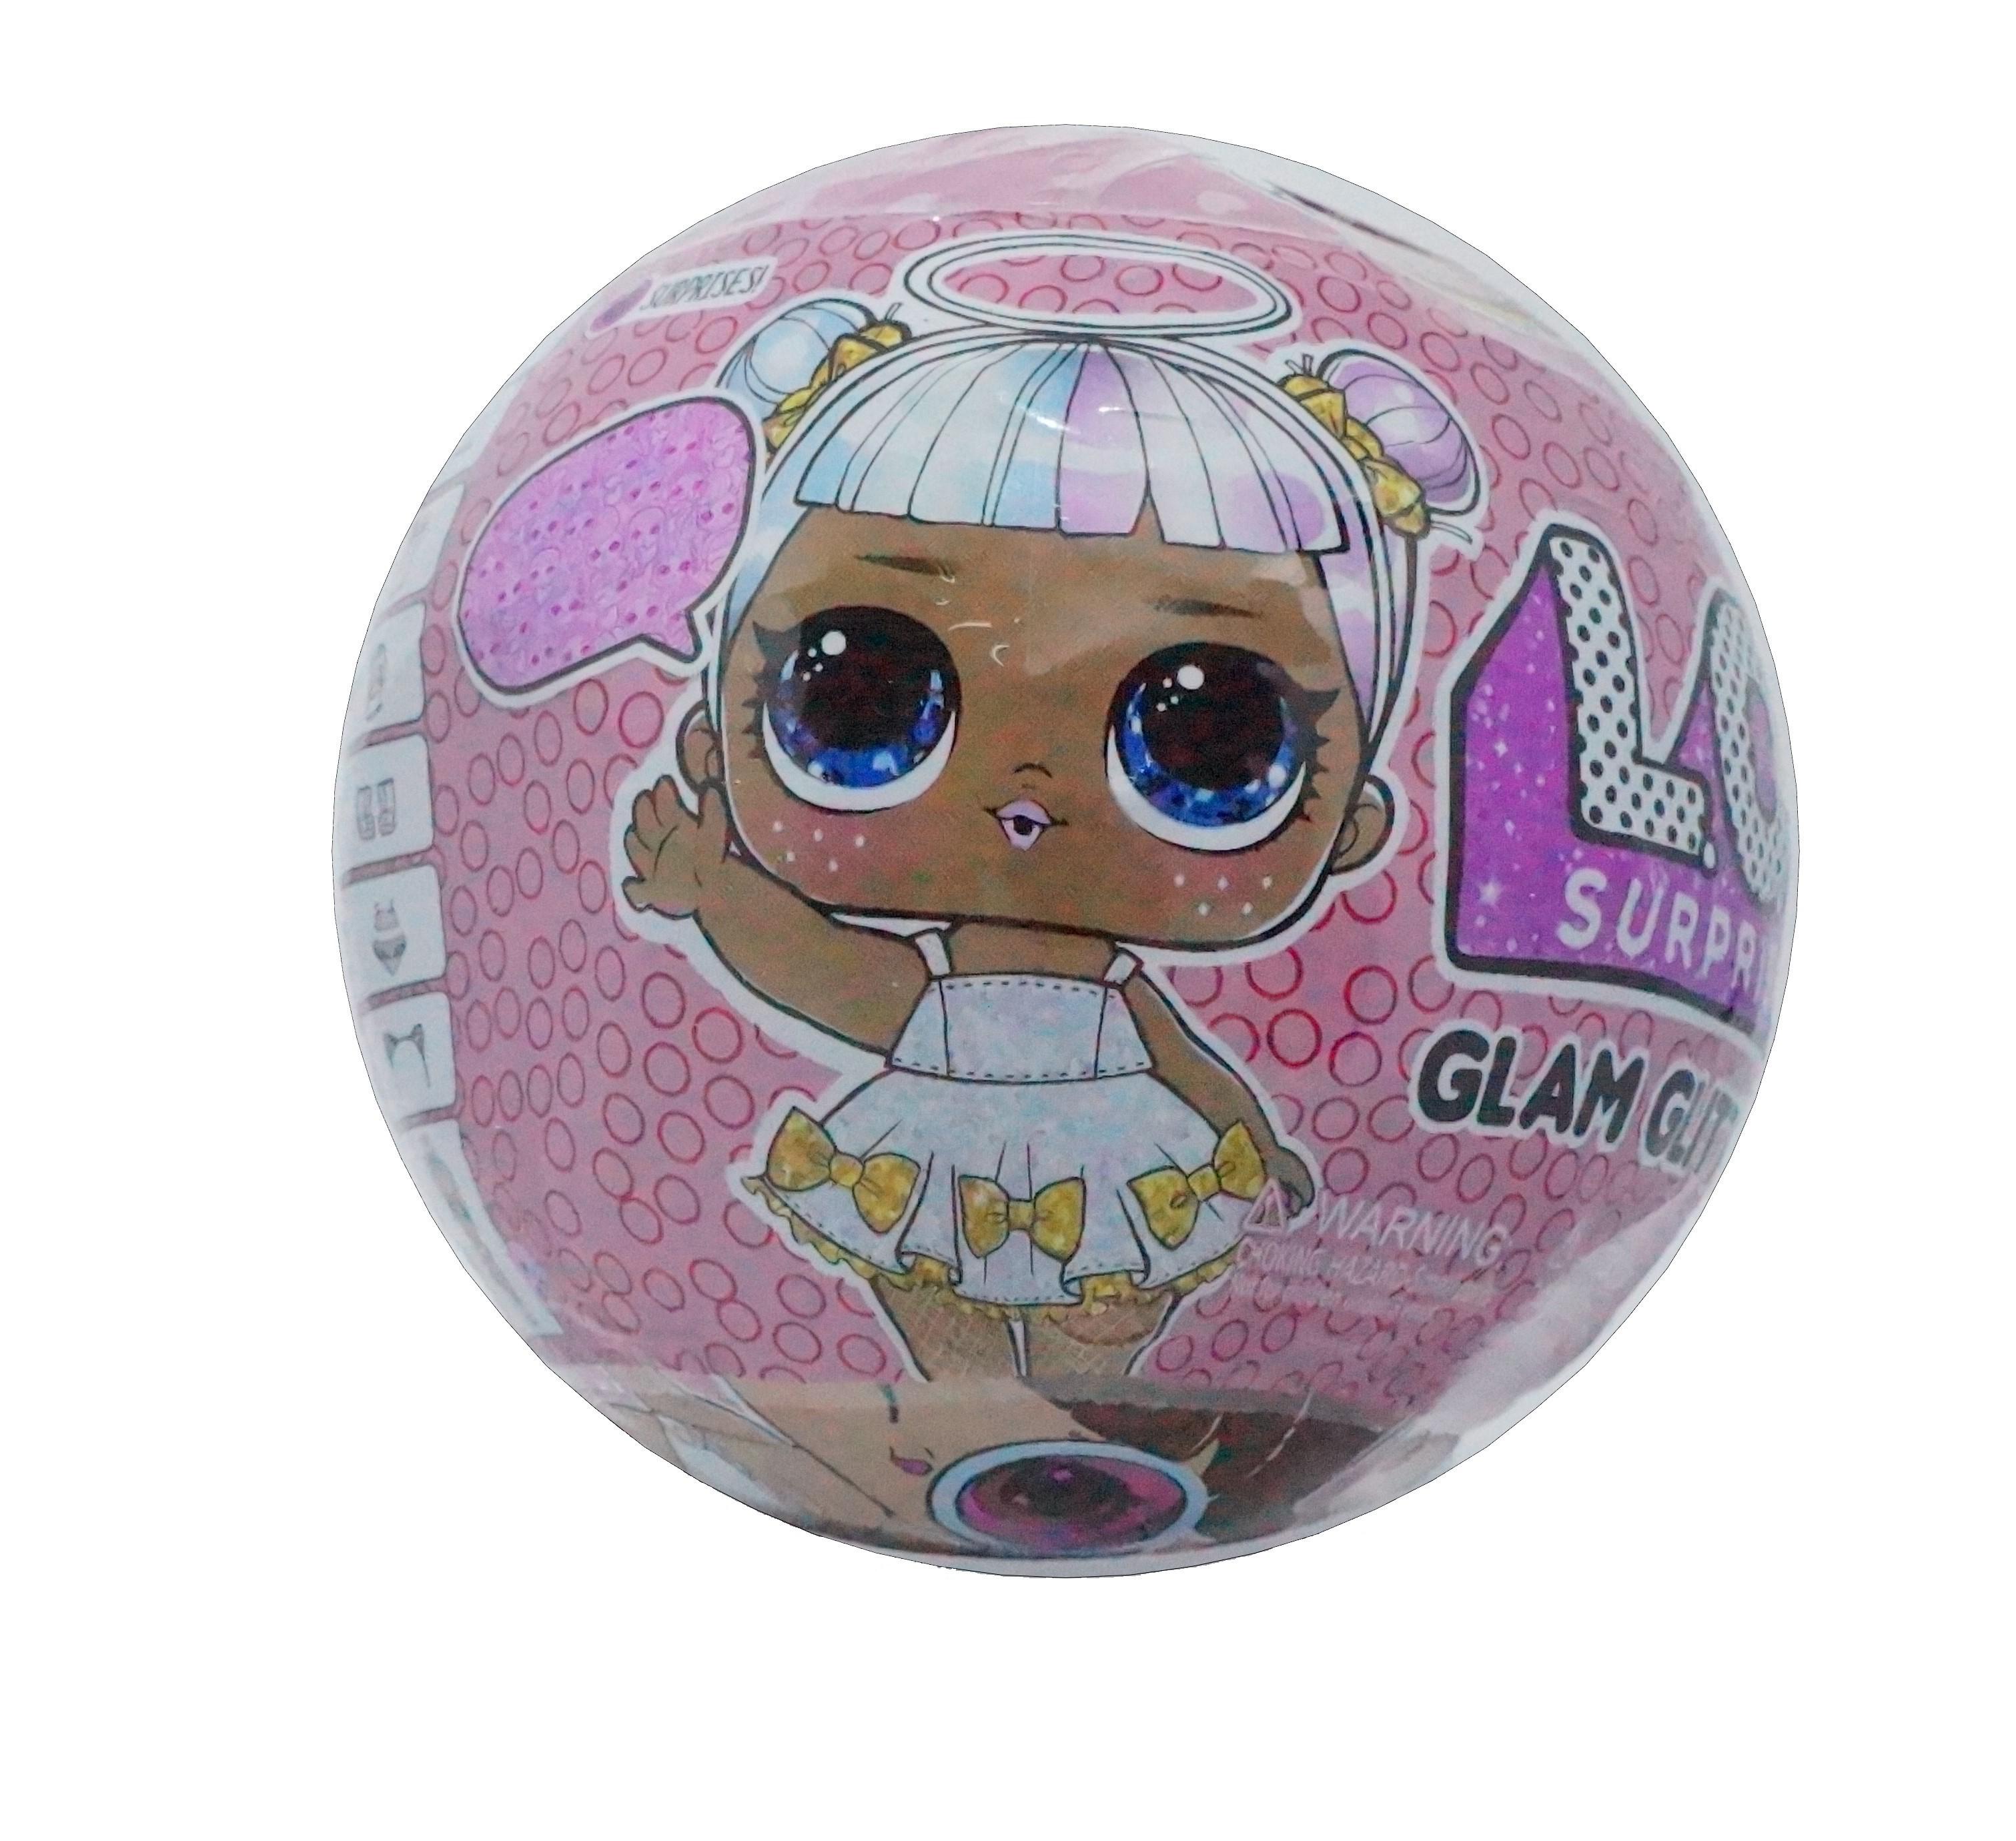 Papusa LOL Surprise Glam Glitter cu 8 elemente, diametru 10cm imagine techstar.ro 2021